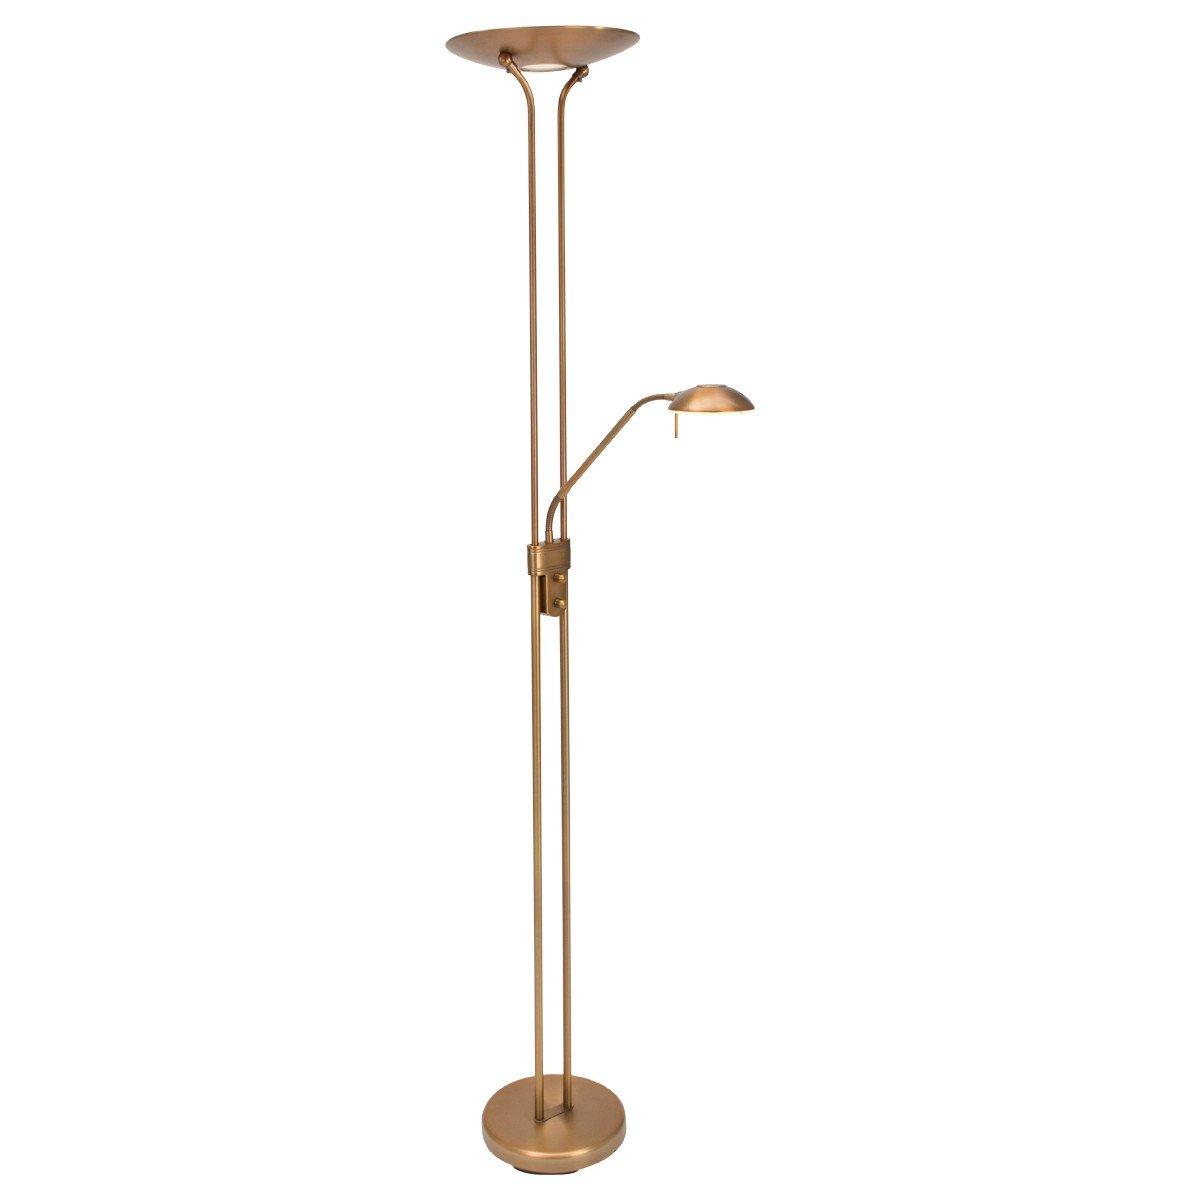 Vloerlamp Steinhauer 7500BR